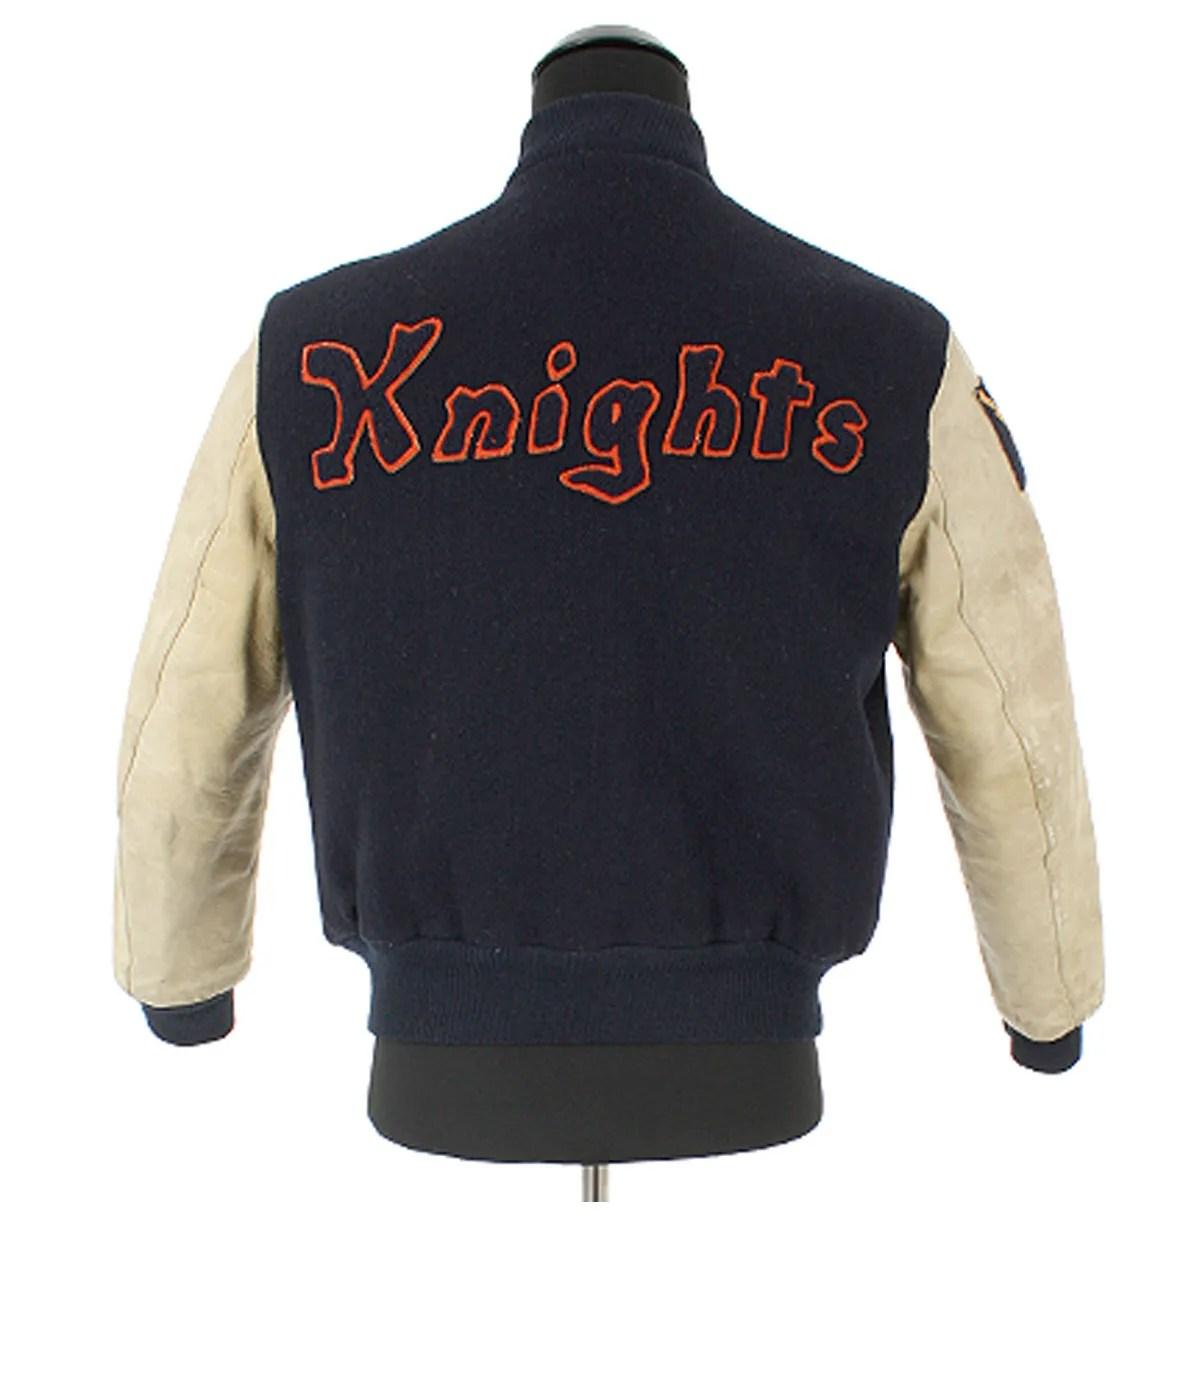 the-natural-roy-hobbs-jacket